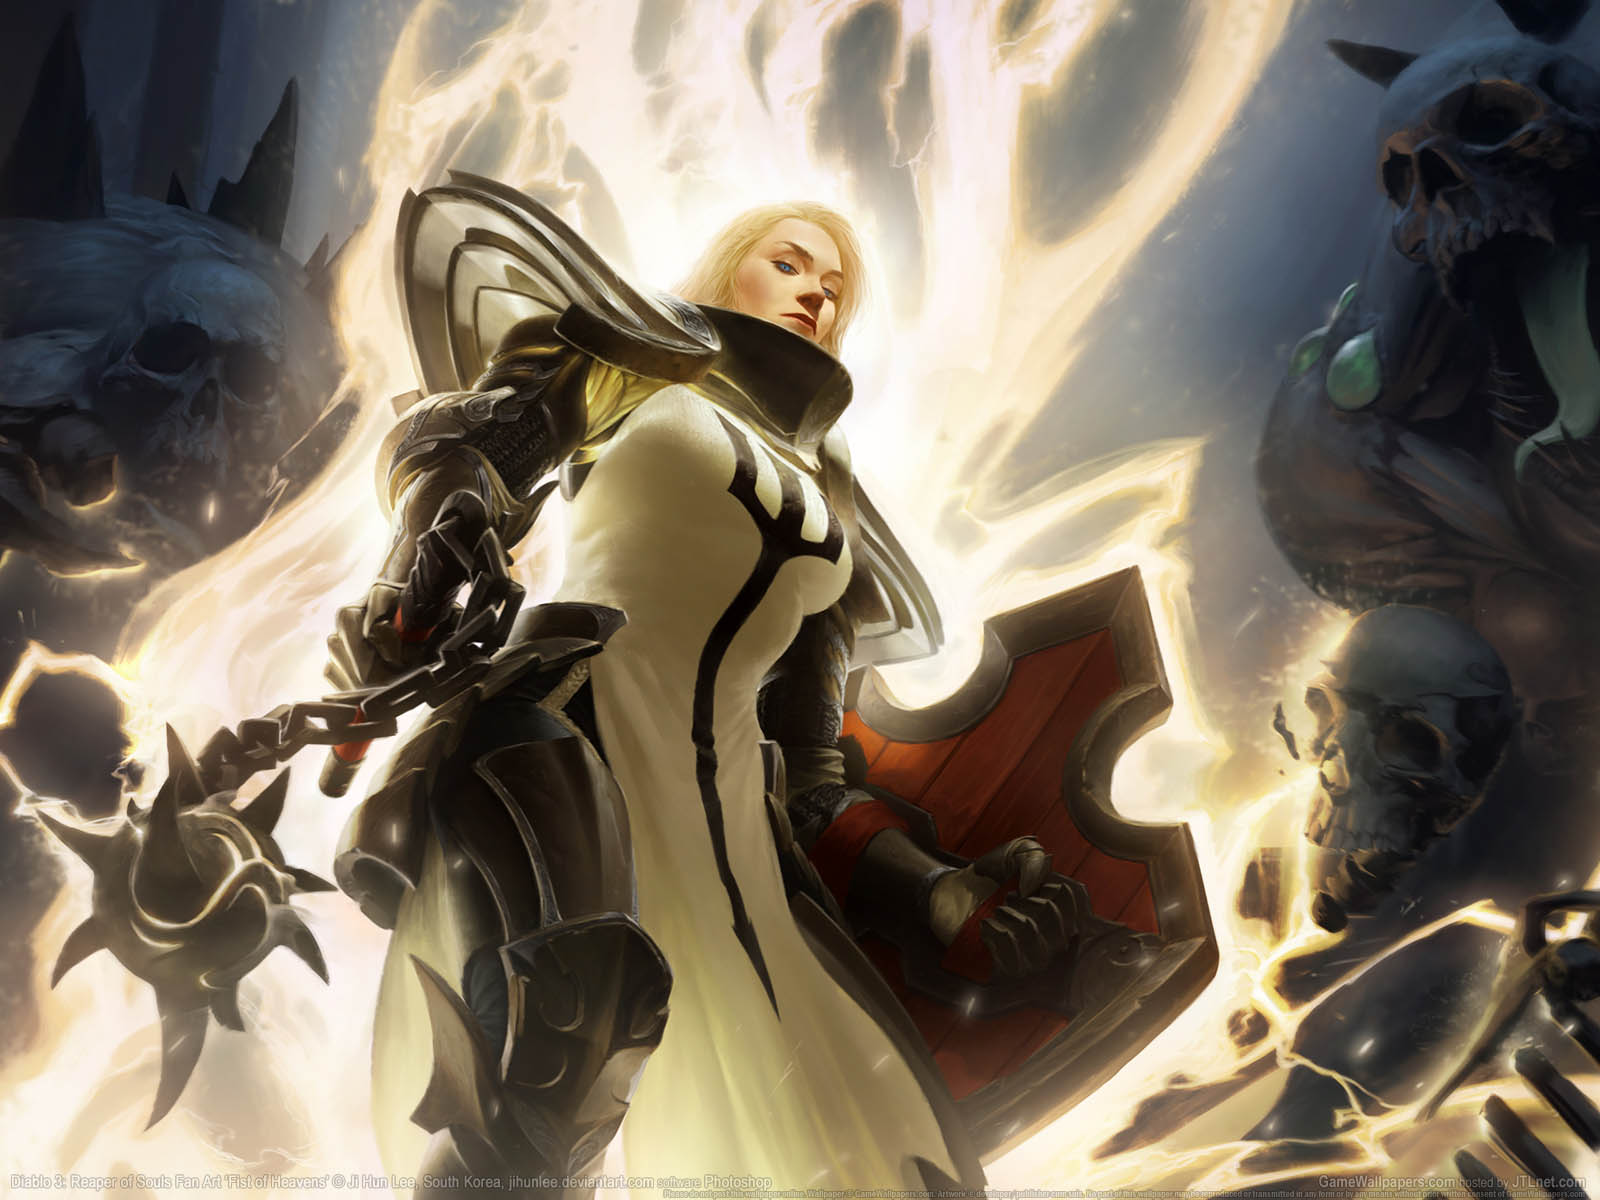 Diablo 3 Reaper Of Souls Wallpapers: Diablo 3%3A Reaper Of Souls Fan Art Wallpaper 08 1600x1200